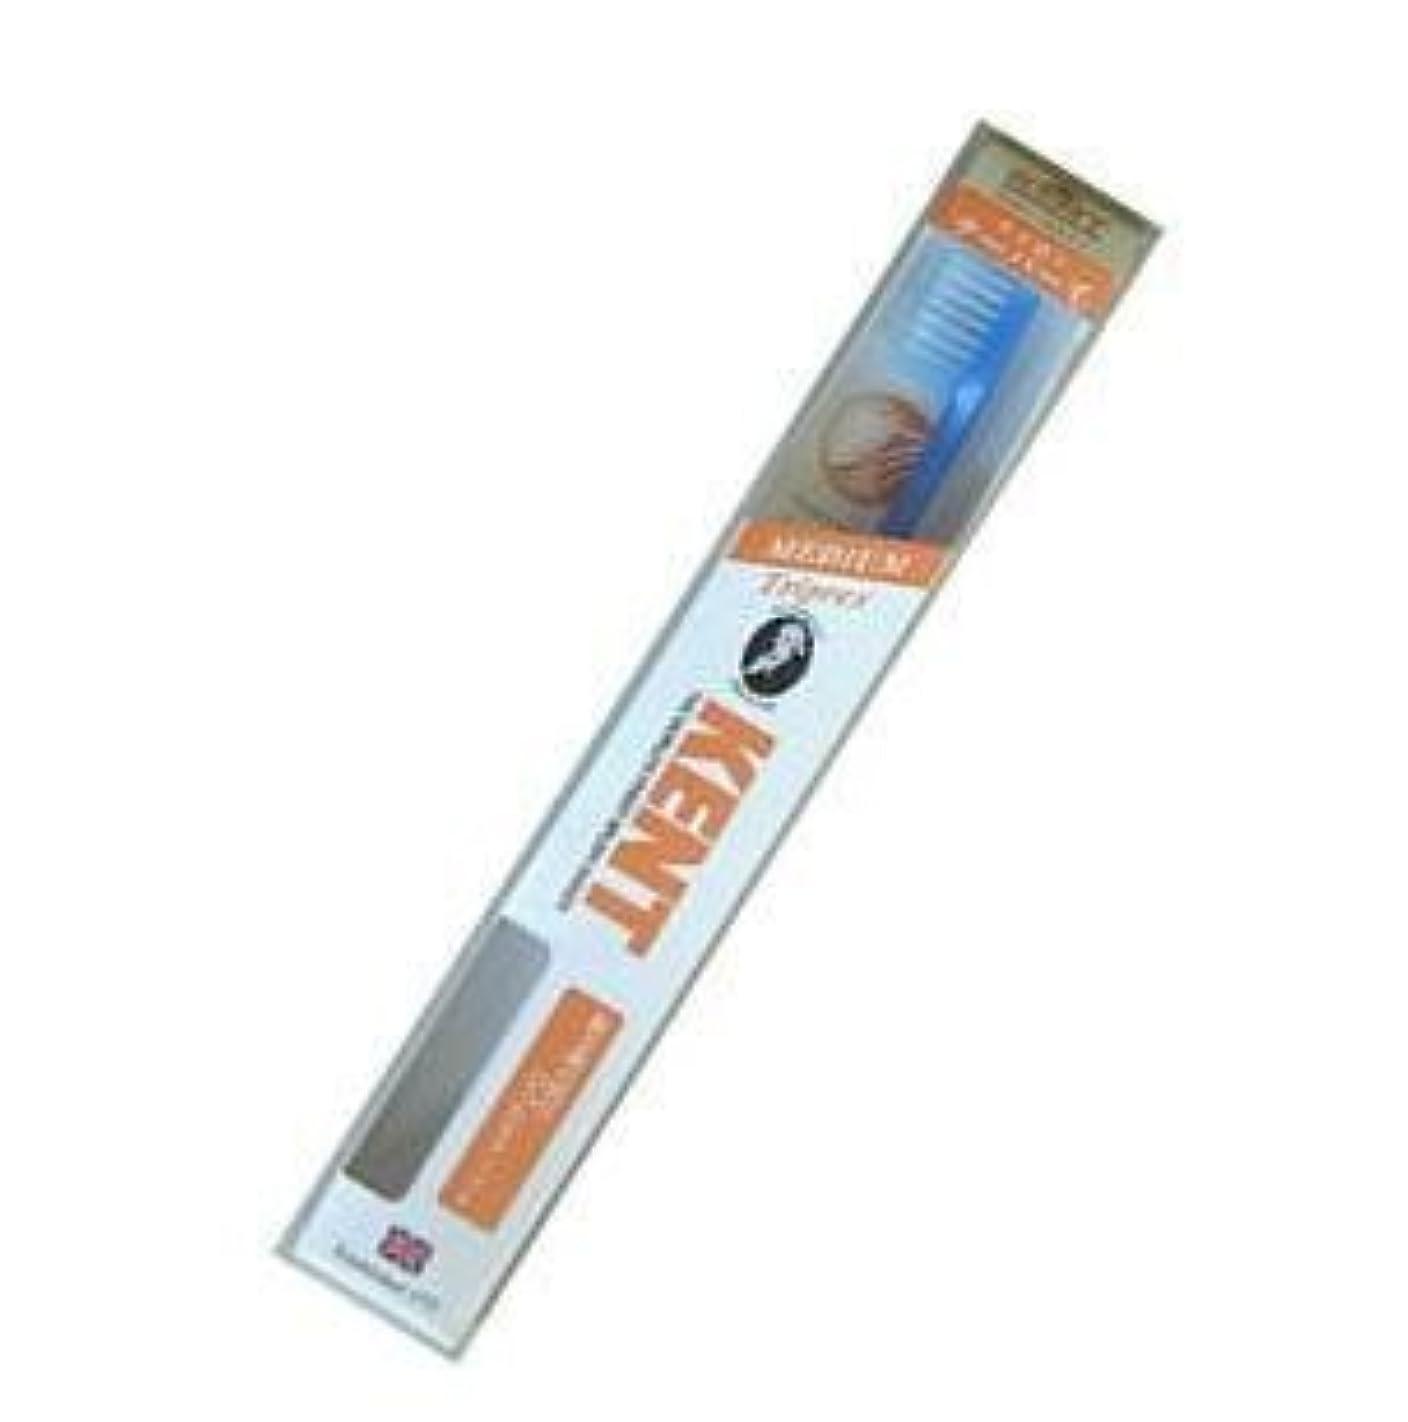 合金便利さ化合物KENT(ケント) トリプレックス ナイロン歯ブラシ コンパクトヘッド ふつう KNT9211